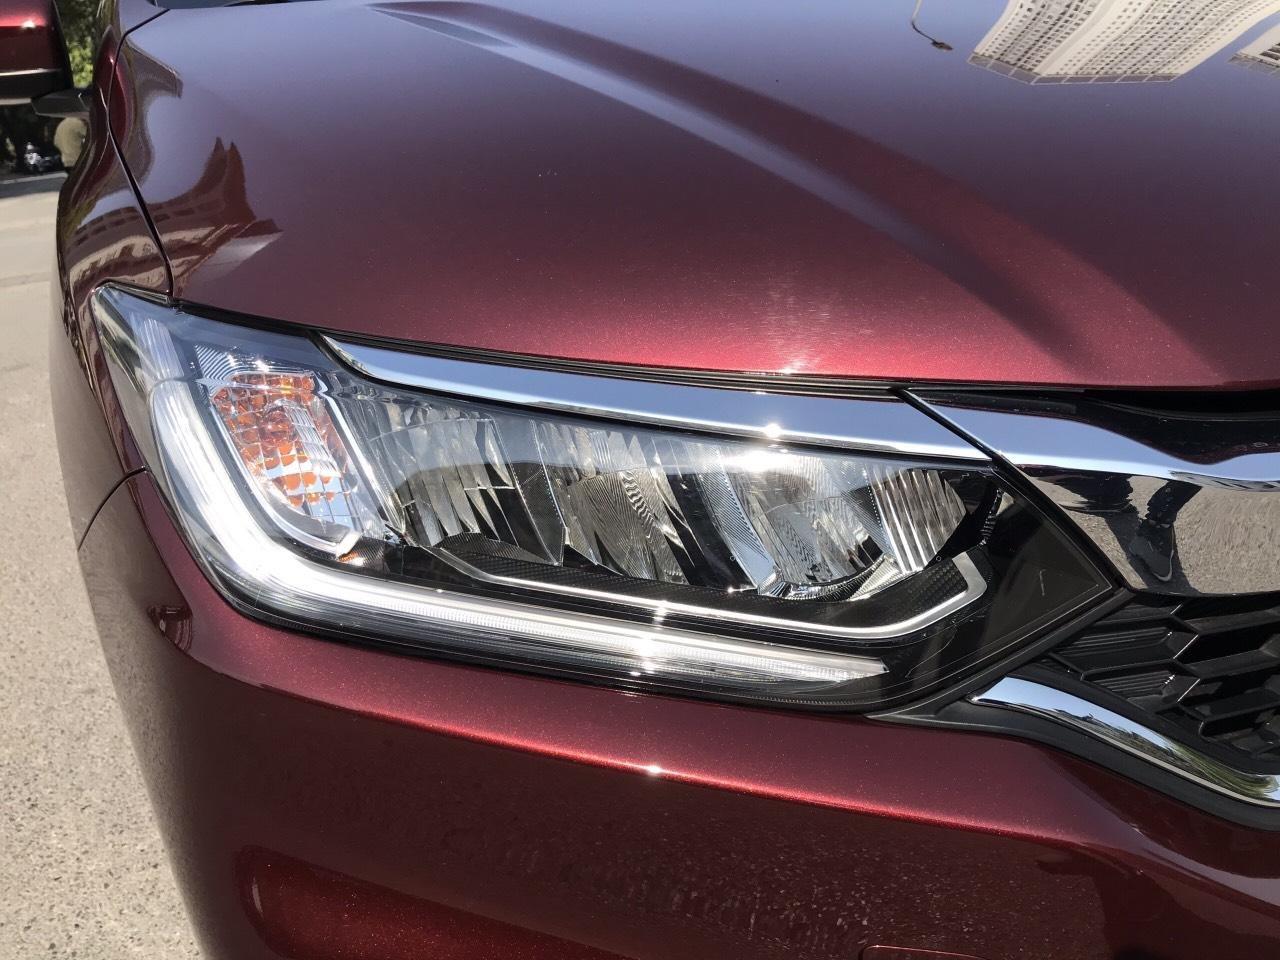 Bán gấp với giá ưu đãi chiếc Honda City Top 1.5 AT 2019 (8)